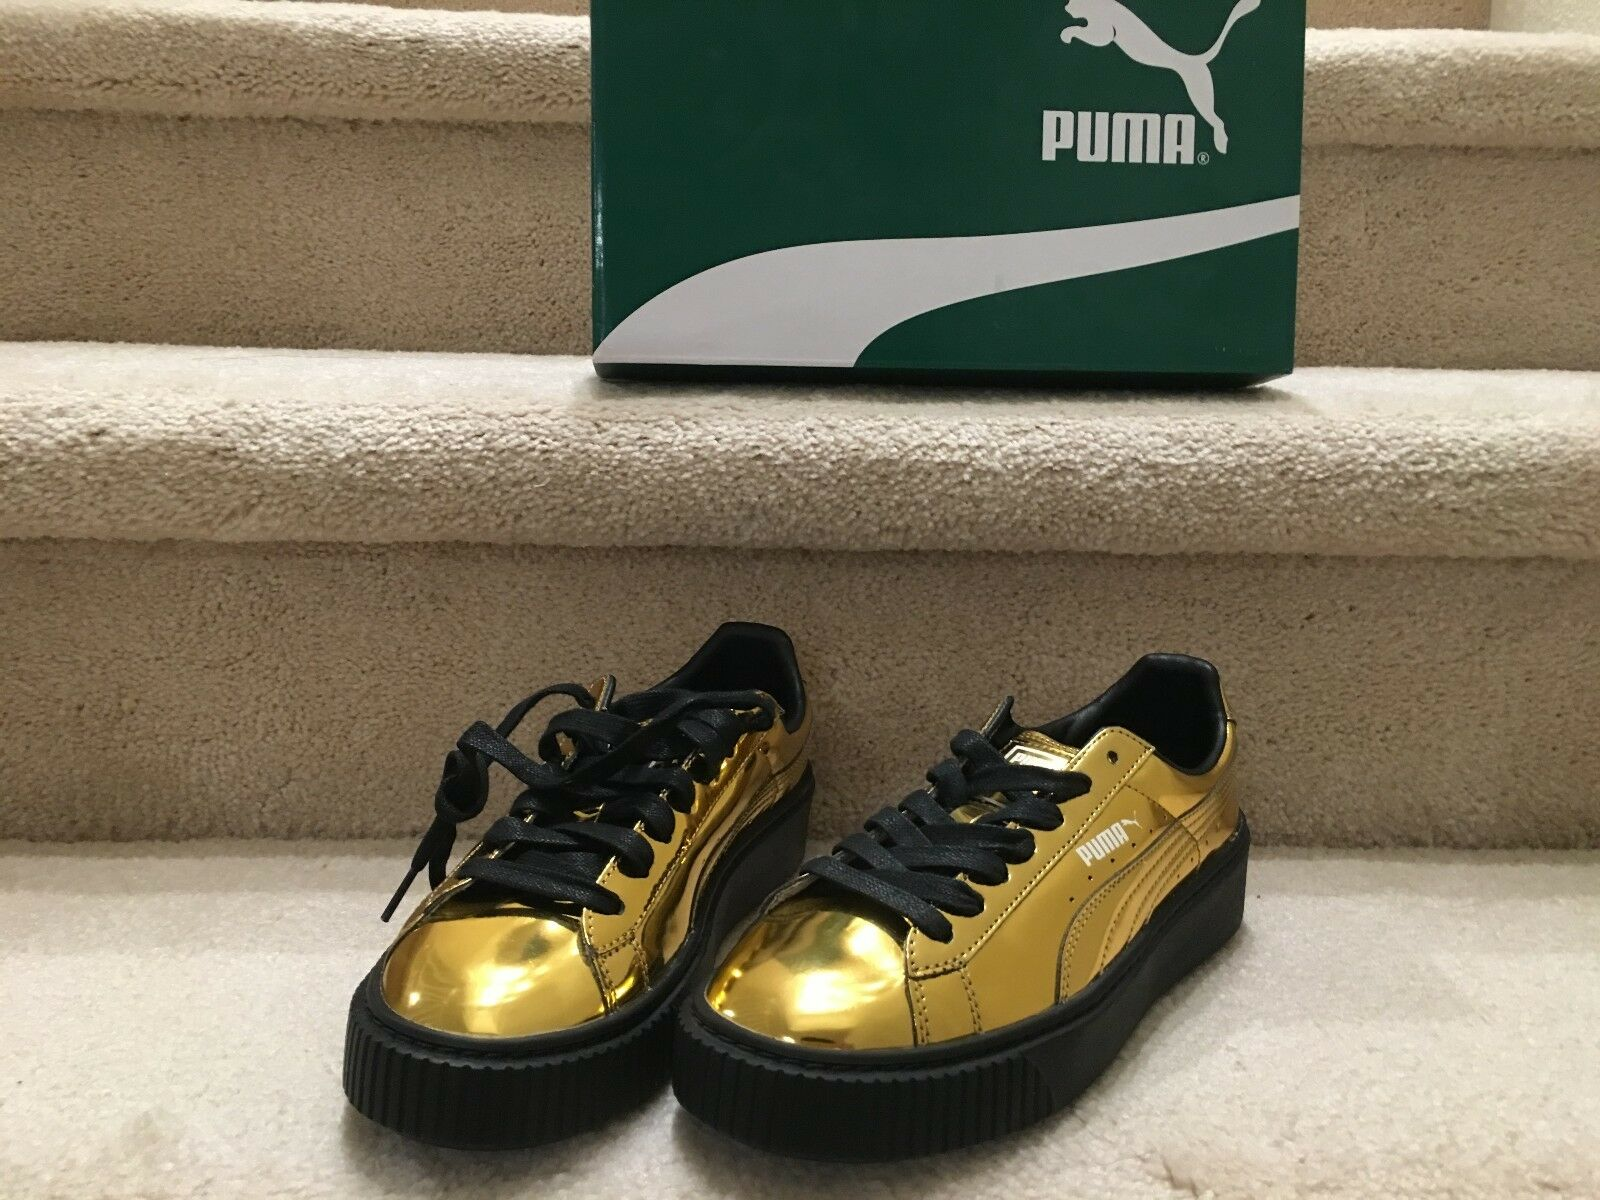 Puma Cesta Plataforma Metálica Zapatos para mujer de 36233904 36233904 de 749137